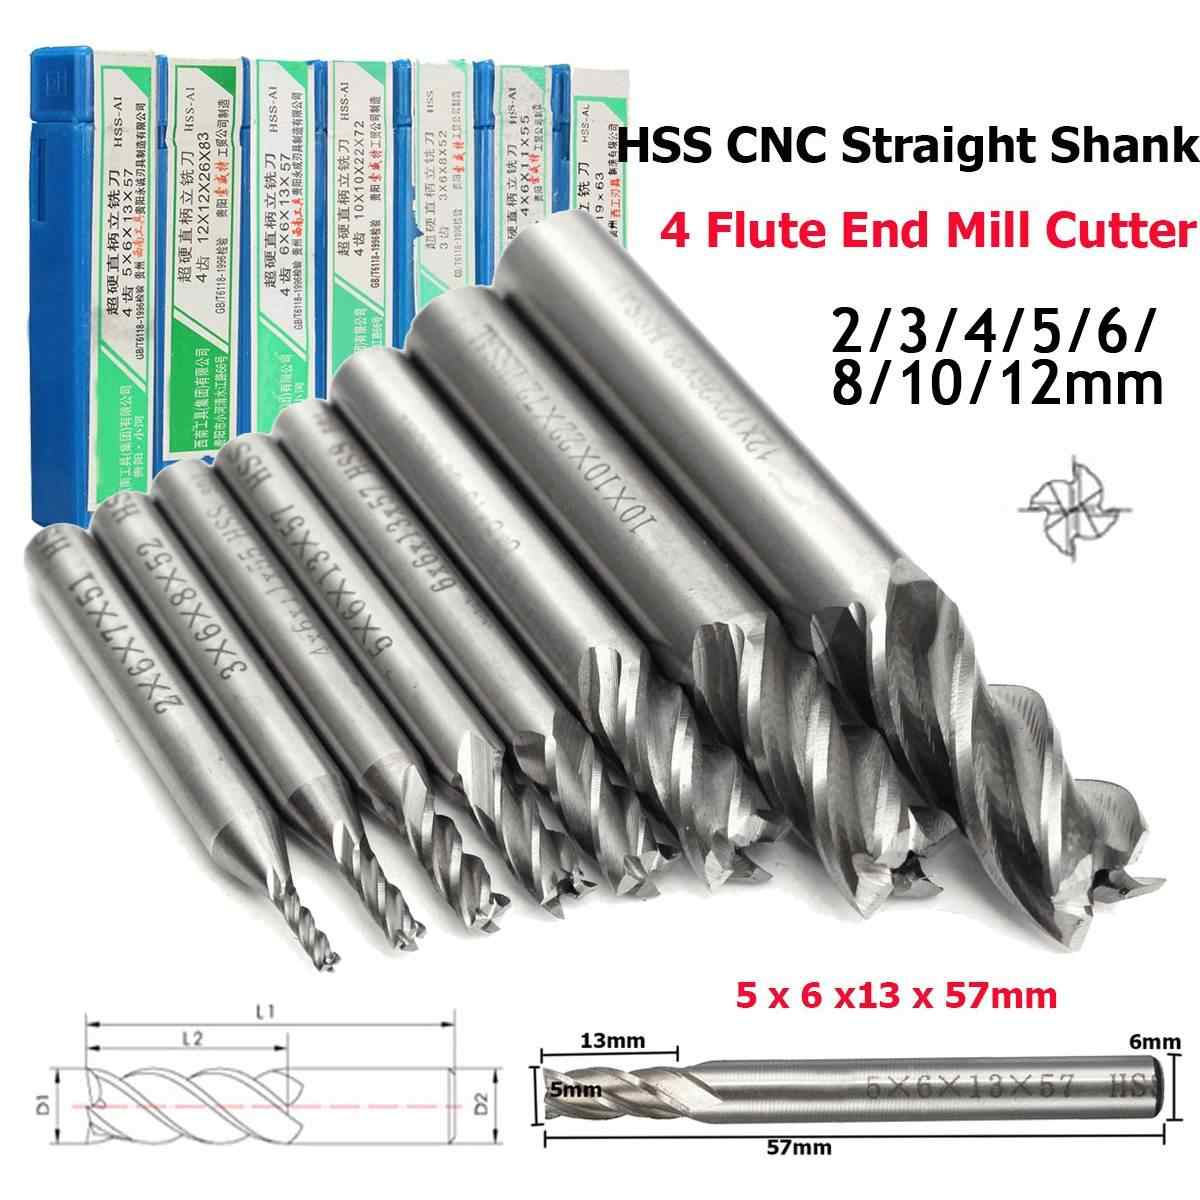 2X 10mm HSS Straight 8mm Shank 4 Flute End Mill Steel Cutter CNC Drill Bit Tool